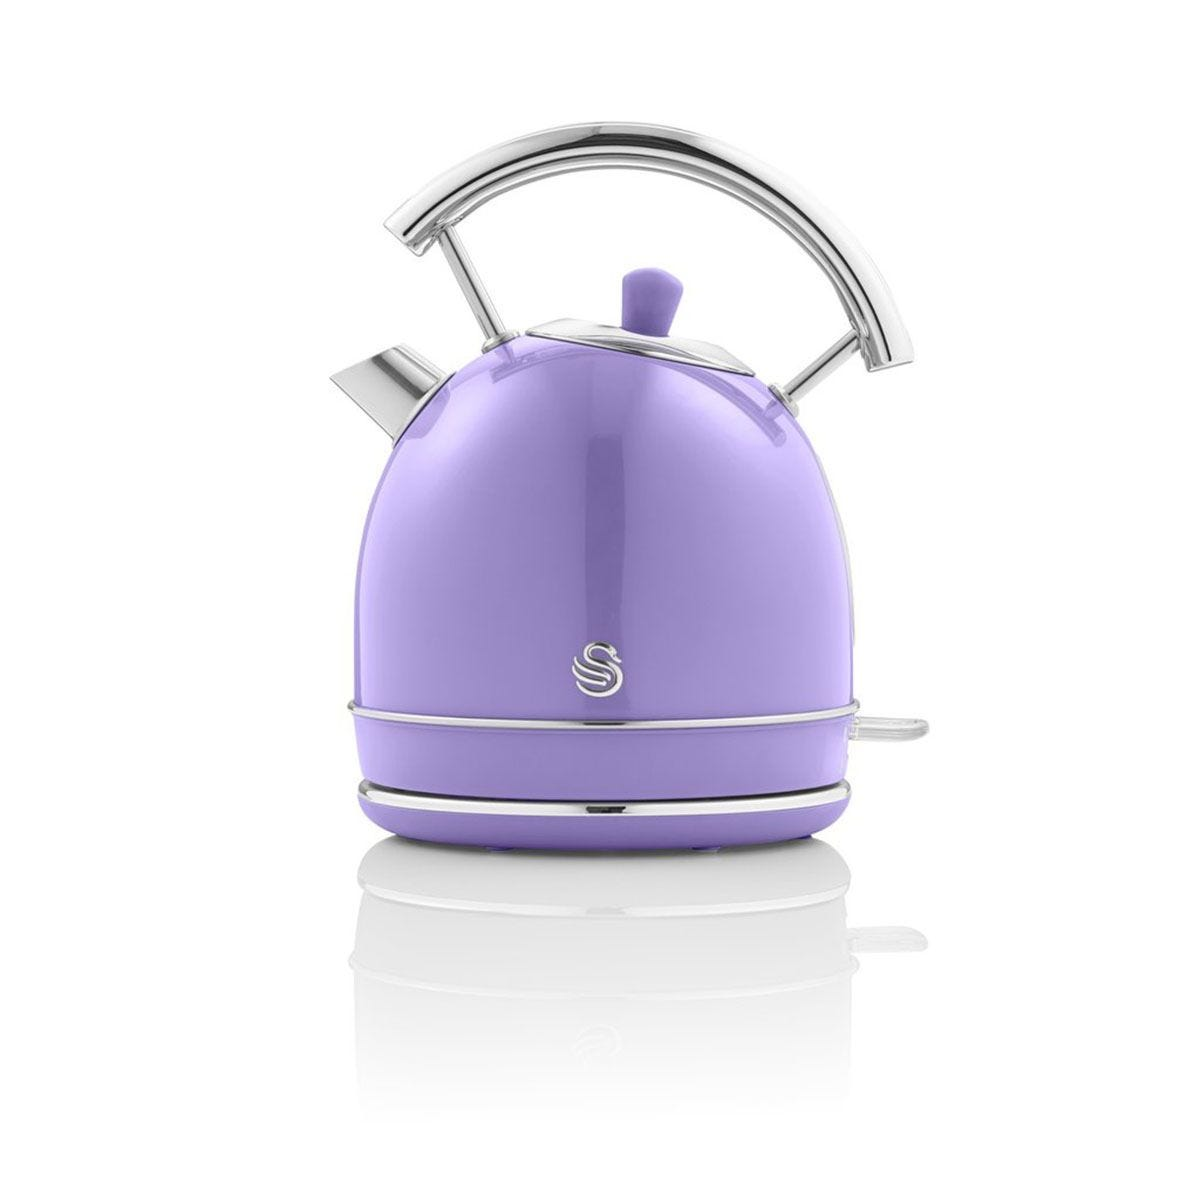 Swan SK14630PURN 1.8L 3000W Dome Kettle - Purple